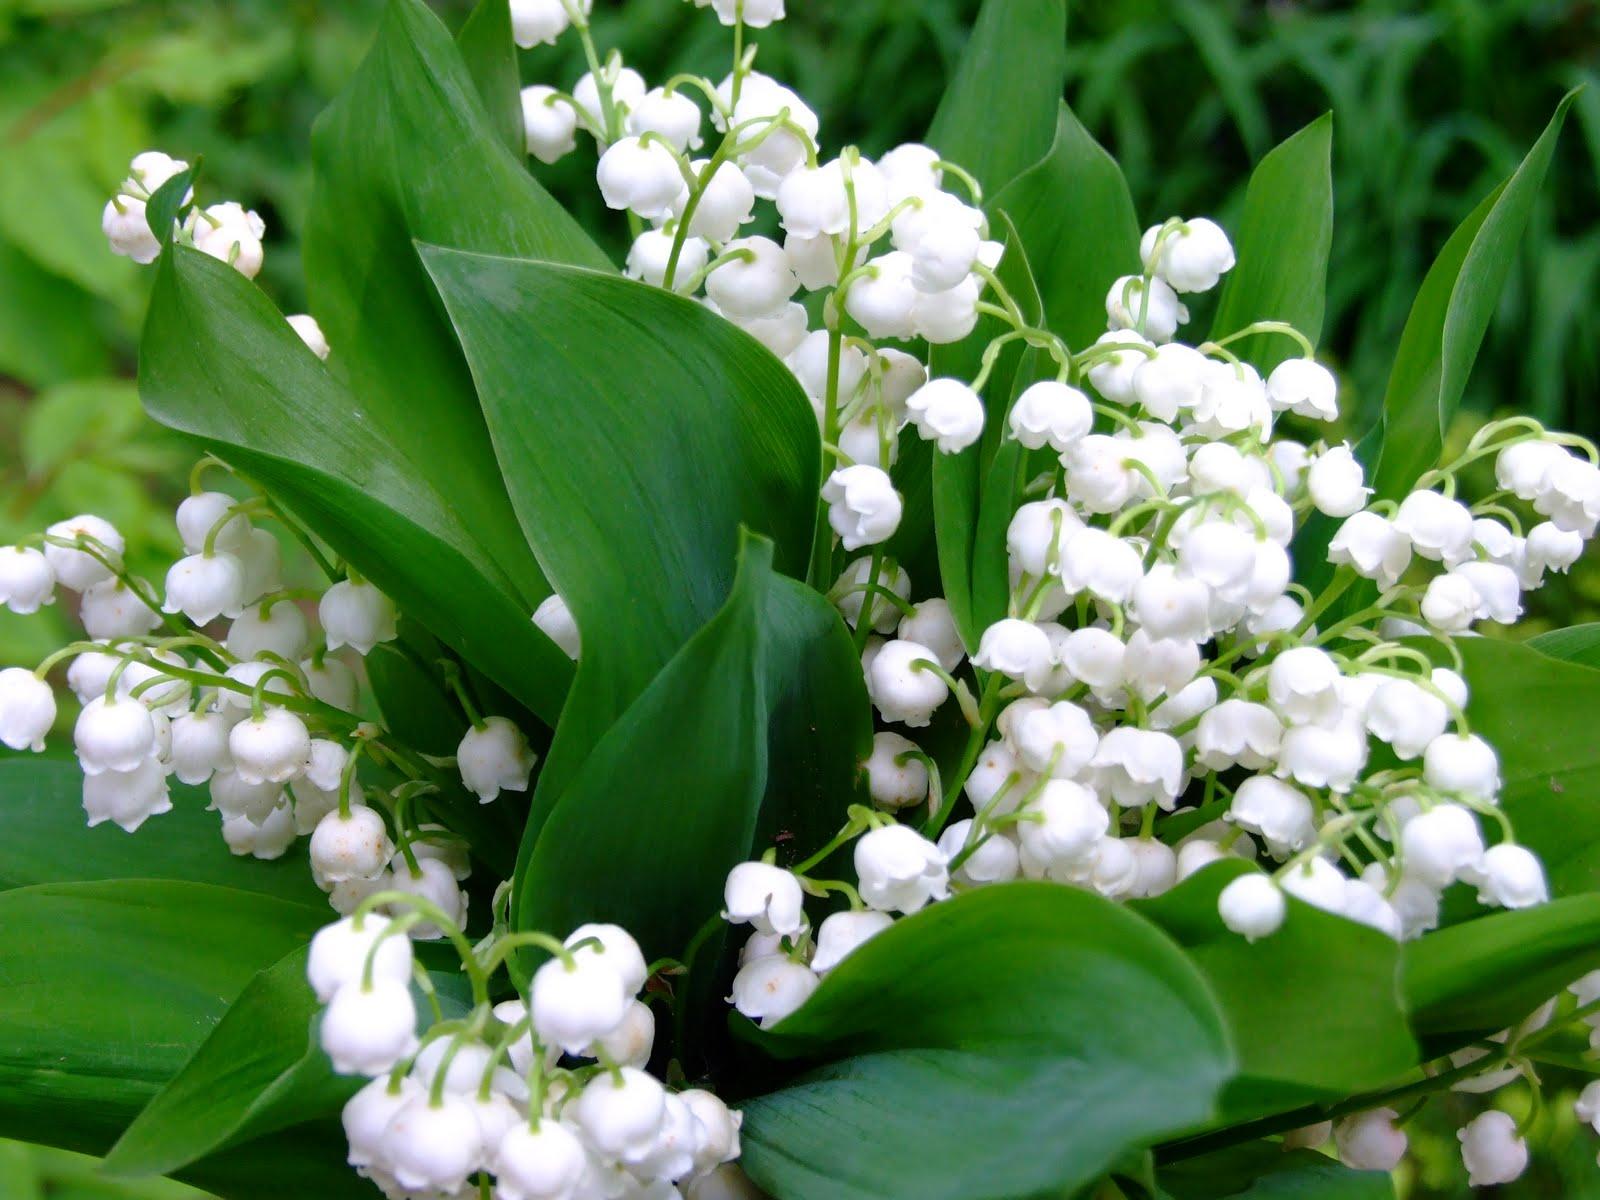 Hình ảnh hoa linh lan trắng đẹp khó cưỡng